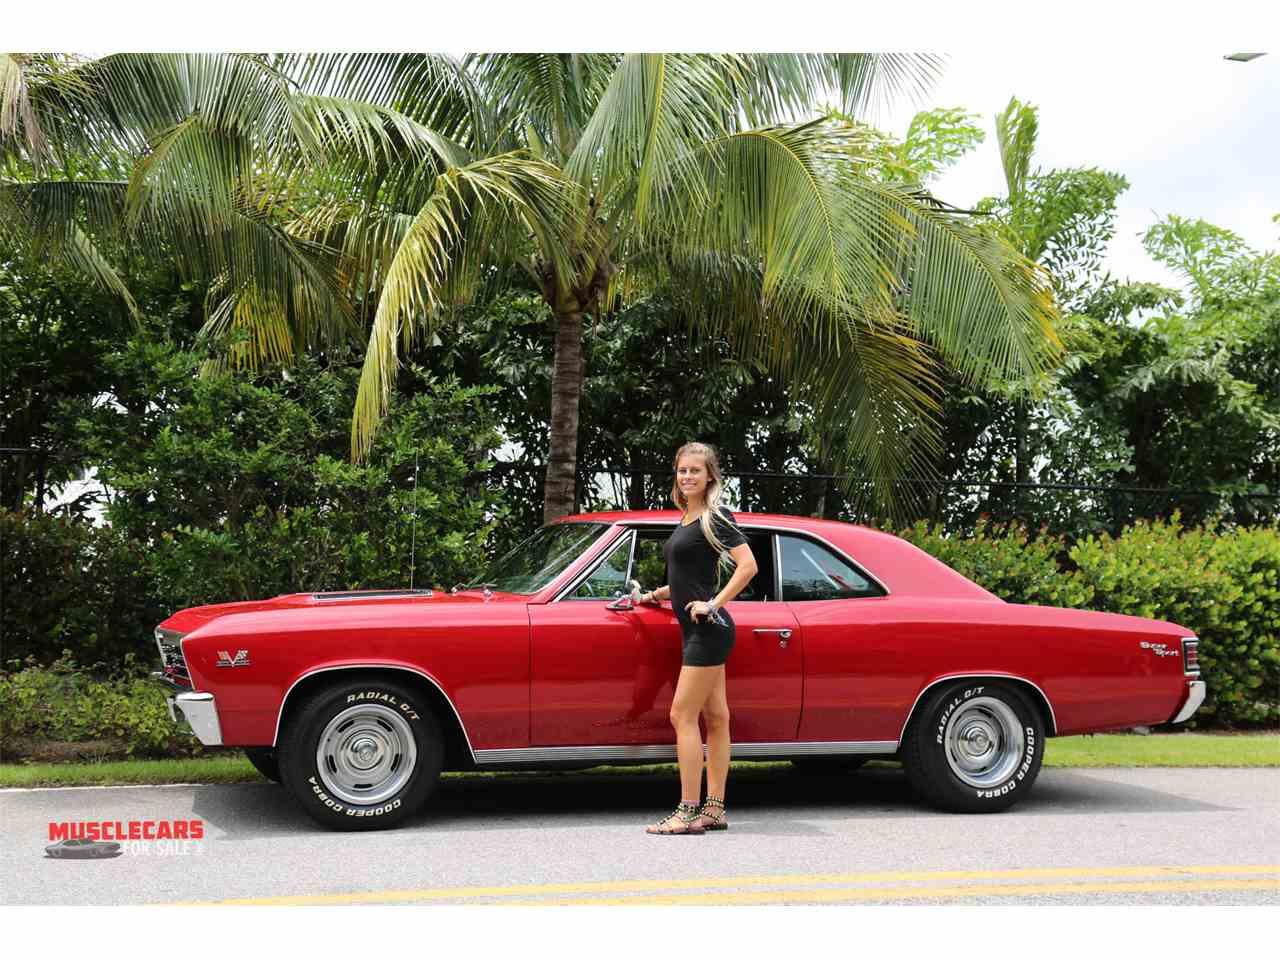 1967 chevrolet chevelle ss 396 2 door hardtop front 3 4 44313 - 1967 Chevy Chevelle Ss 1967 Chevy Camaro Rs Ss Chevy High